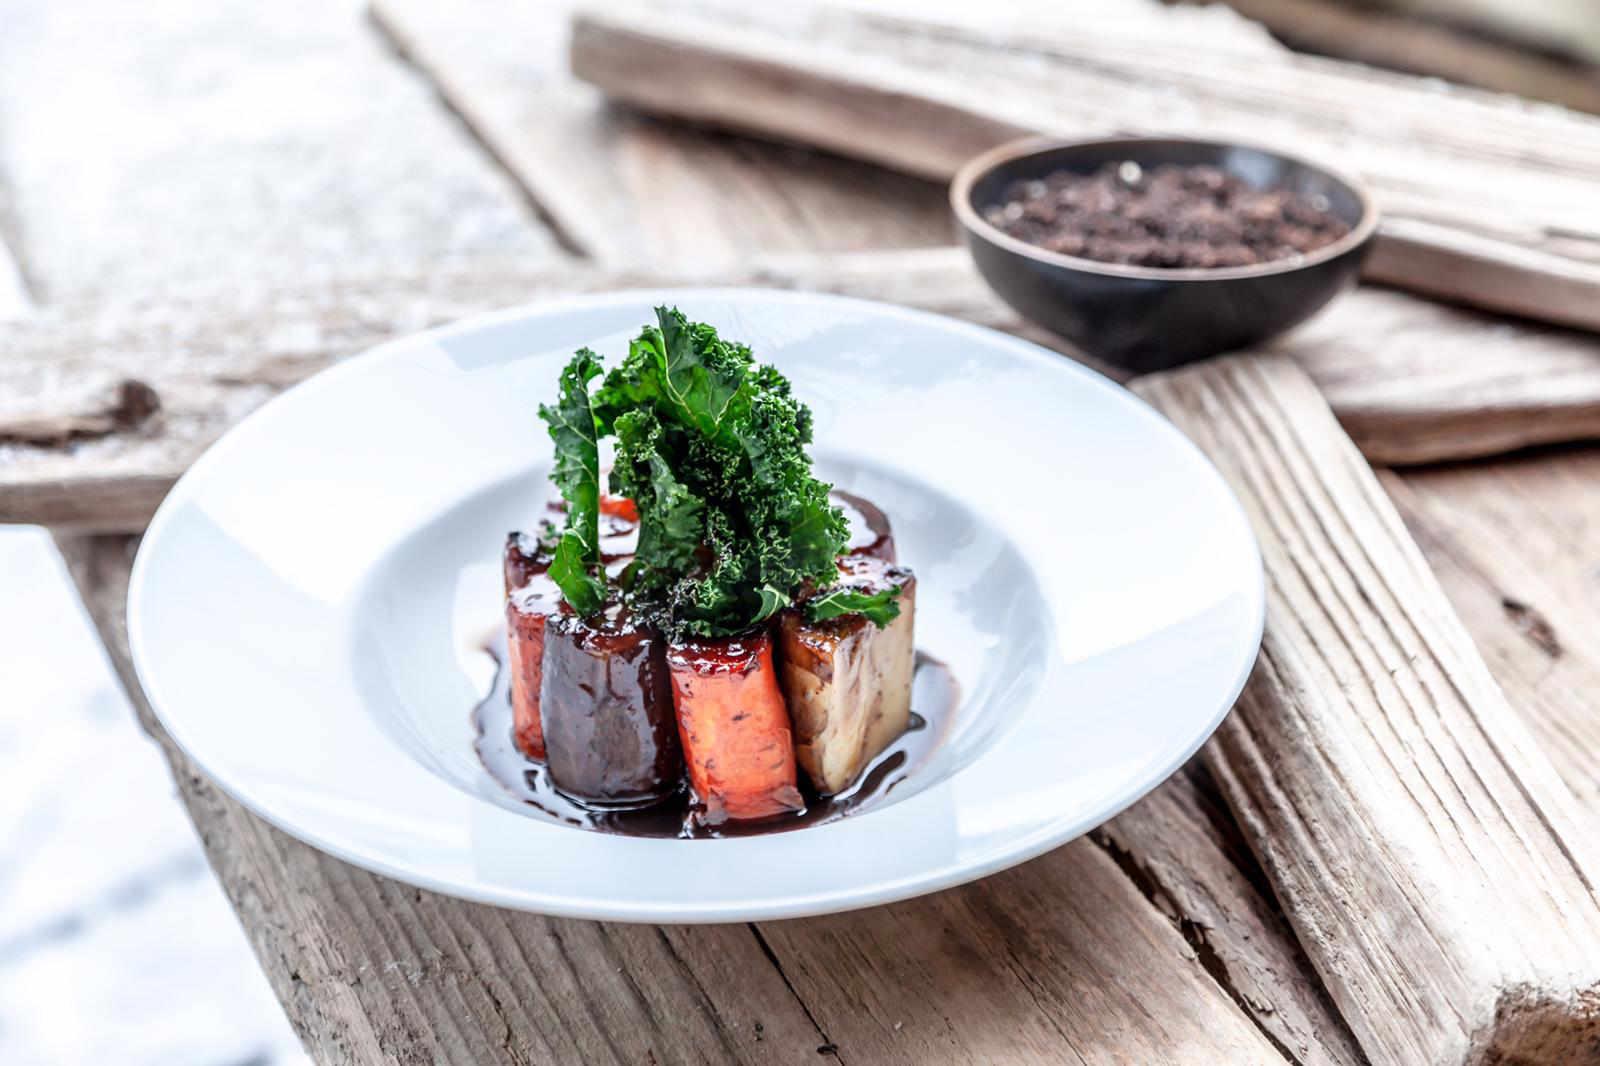 Wurzelschmorgemüse mit Trüffel - Gericht im Restaurant Valentin Lindau